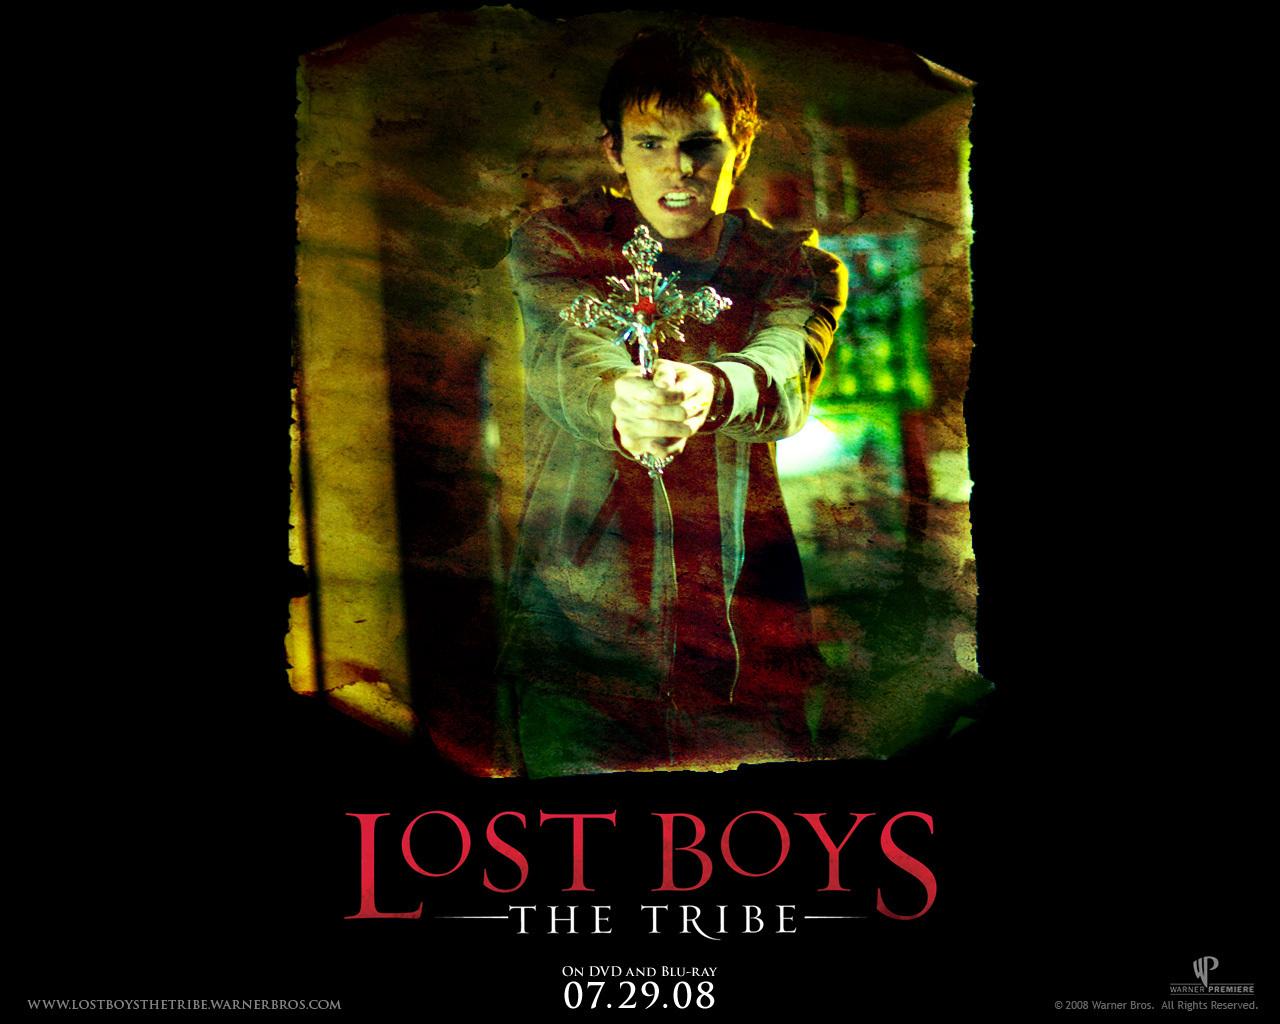 Lost Boys Movie